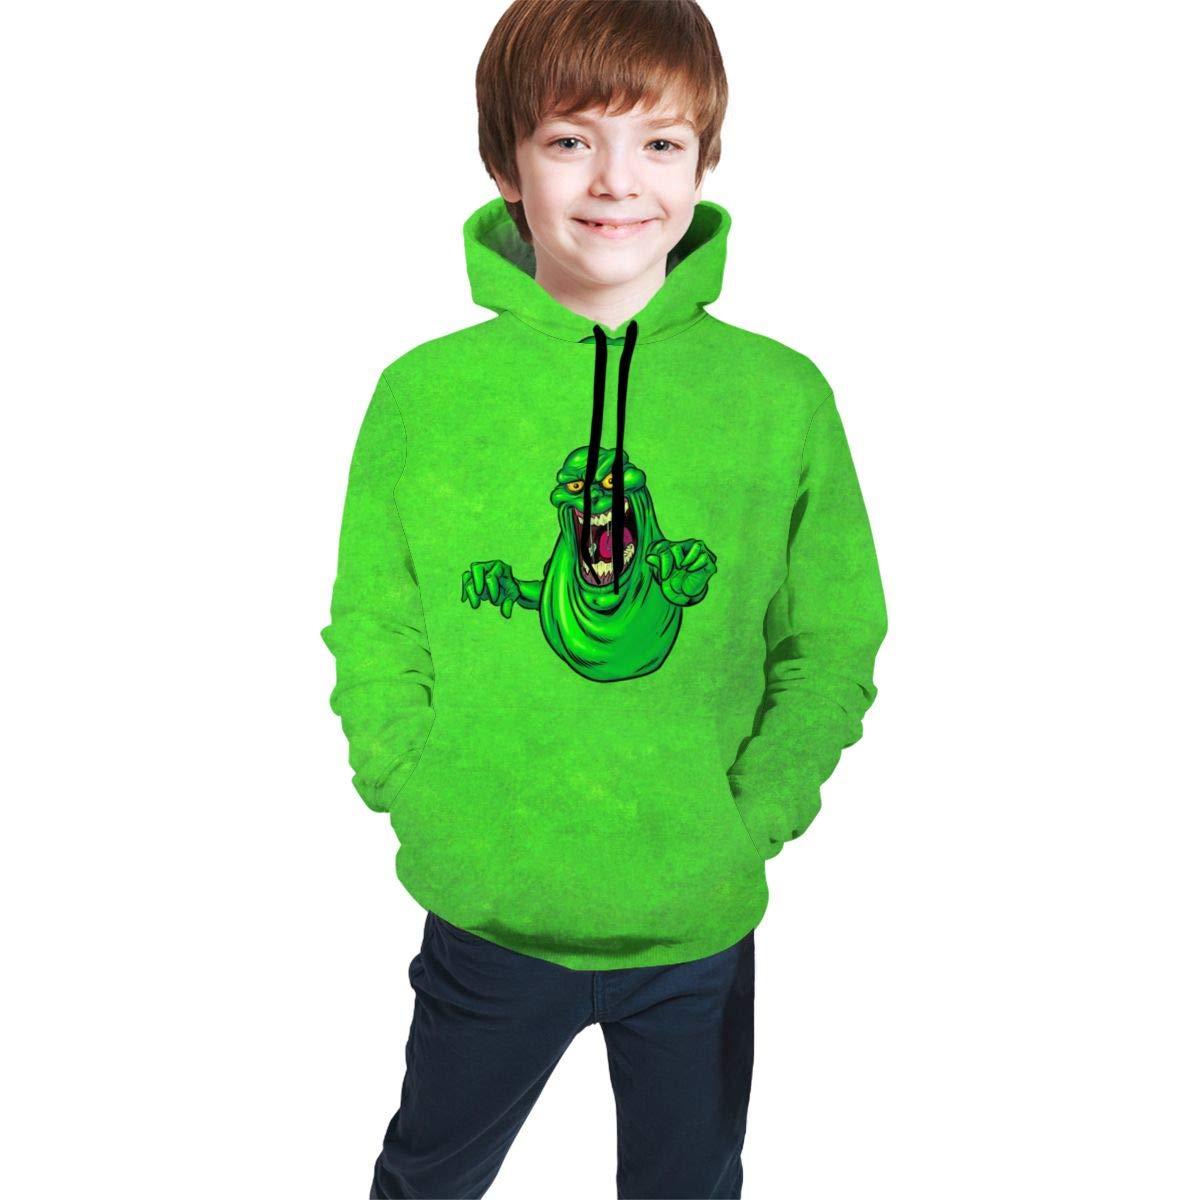 ASDDndPK Kids Youth 3D Print Slimer-Cool Pullover Hooded Sweatshirt